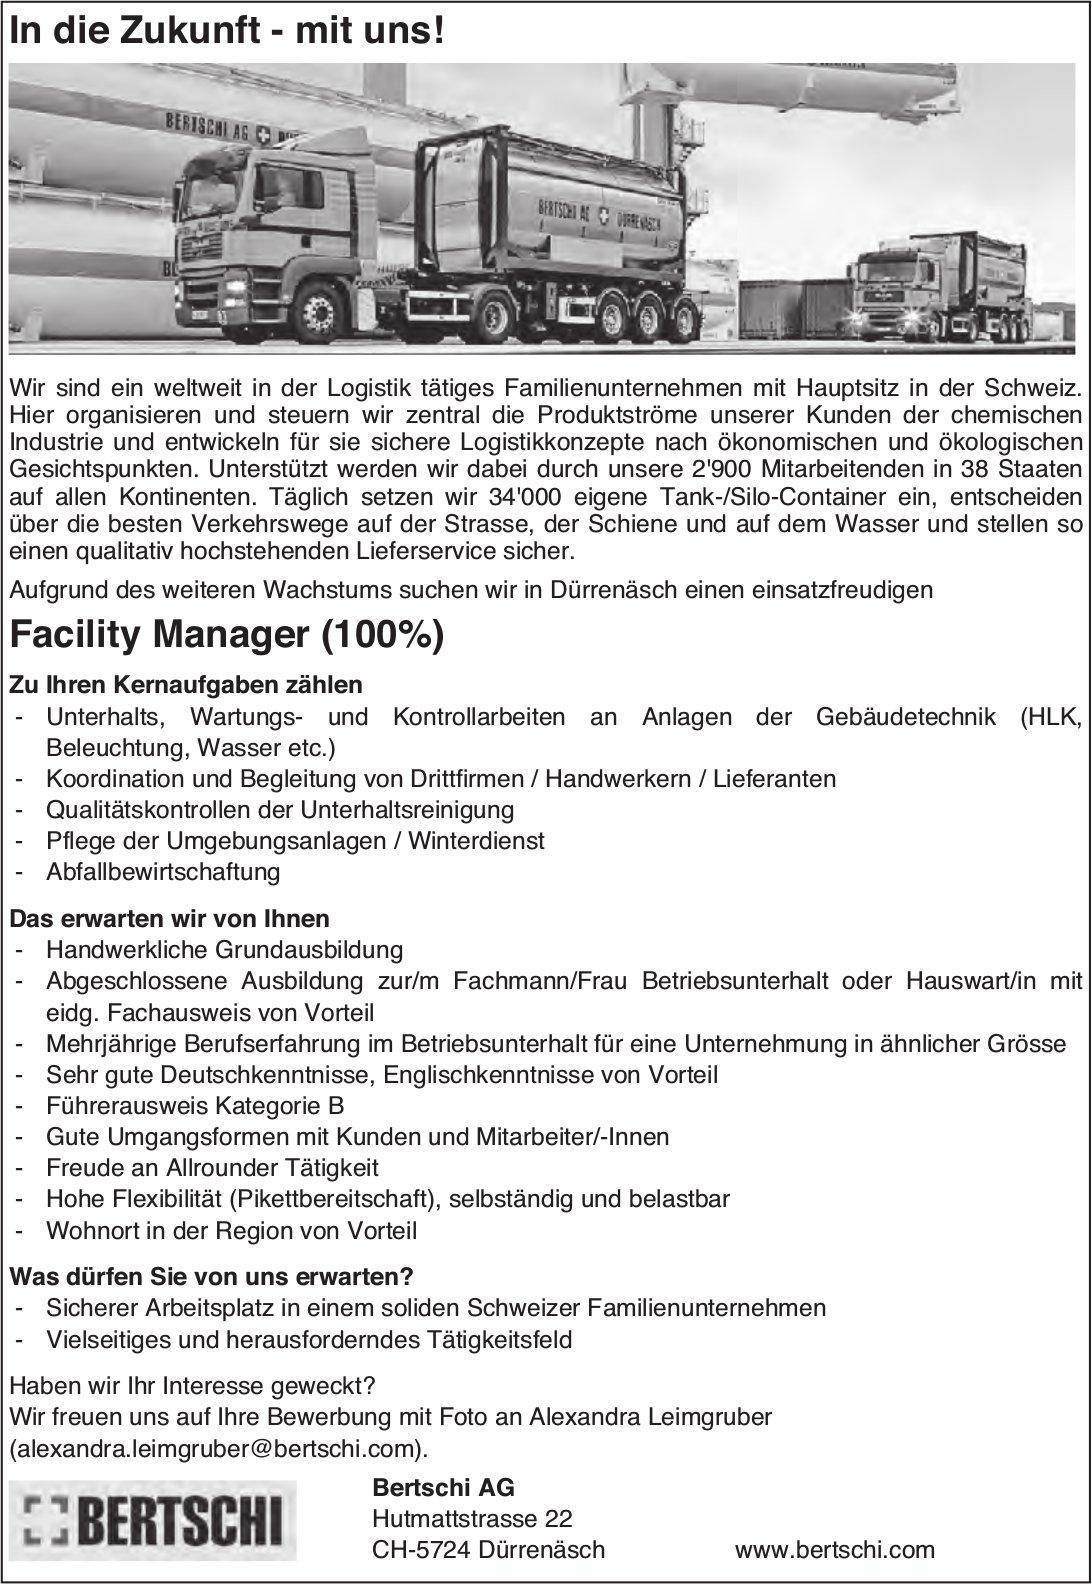 Facility Manager (100%), Bertschi AG, Dürrenäsch, gesucht